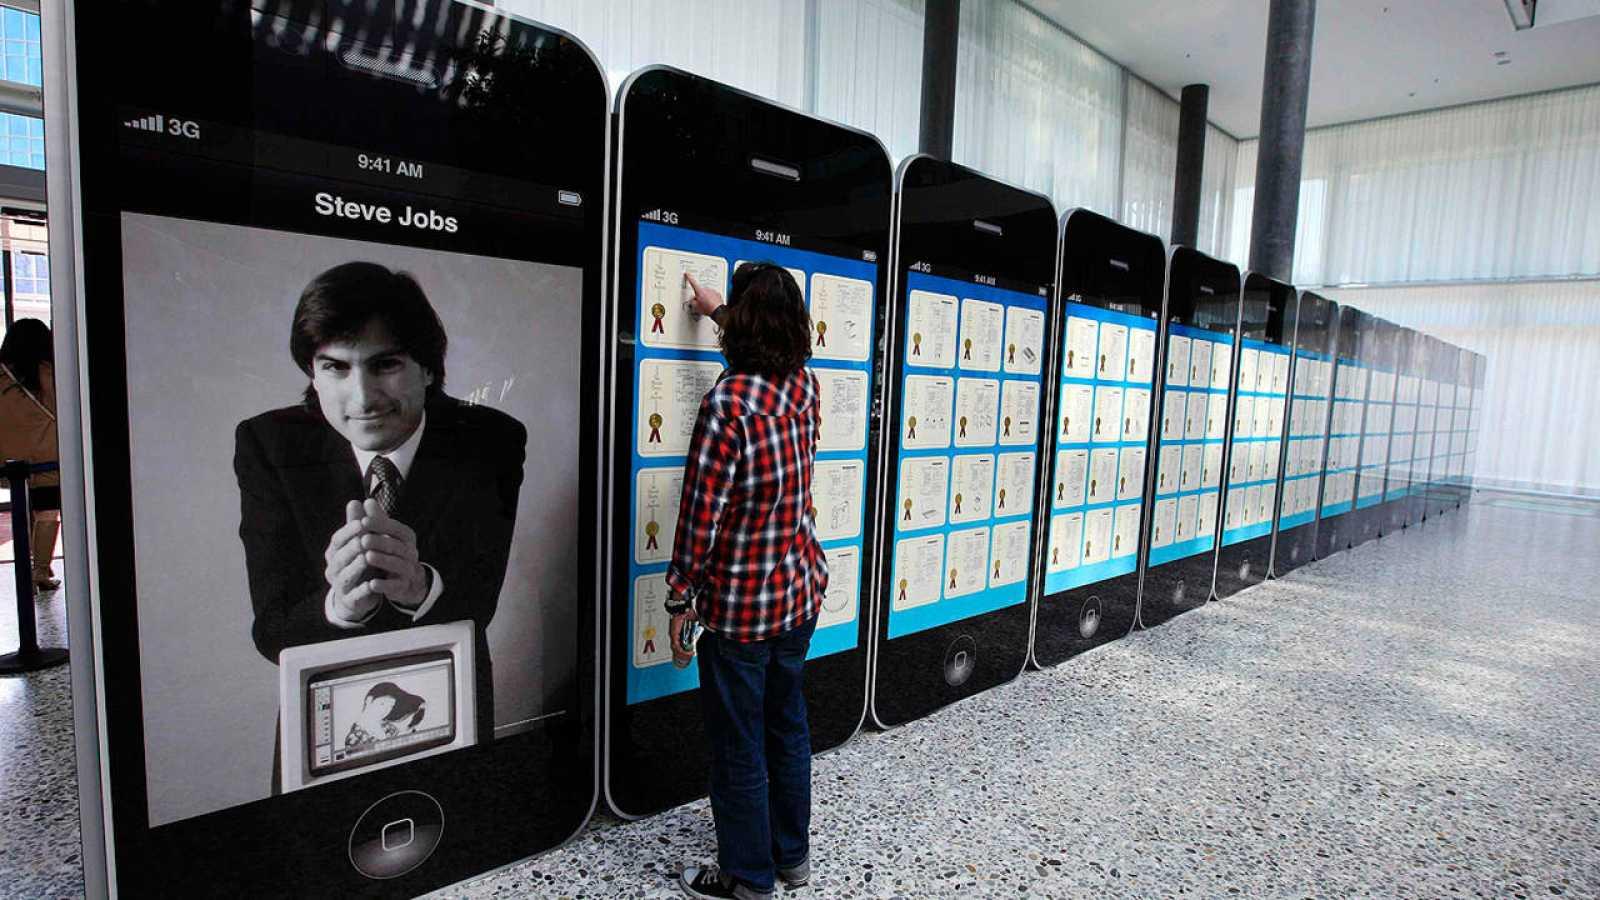 Apple, condenada a pagar más de 200 millones de euros